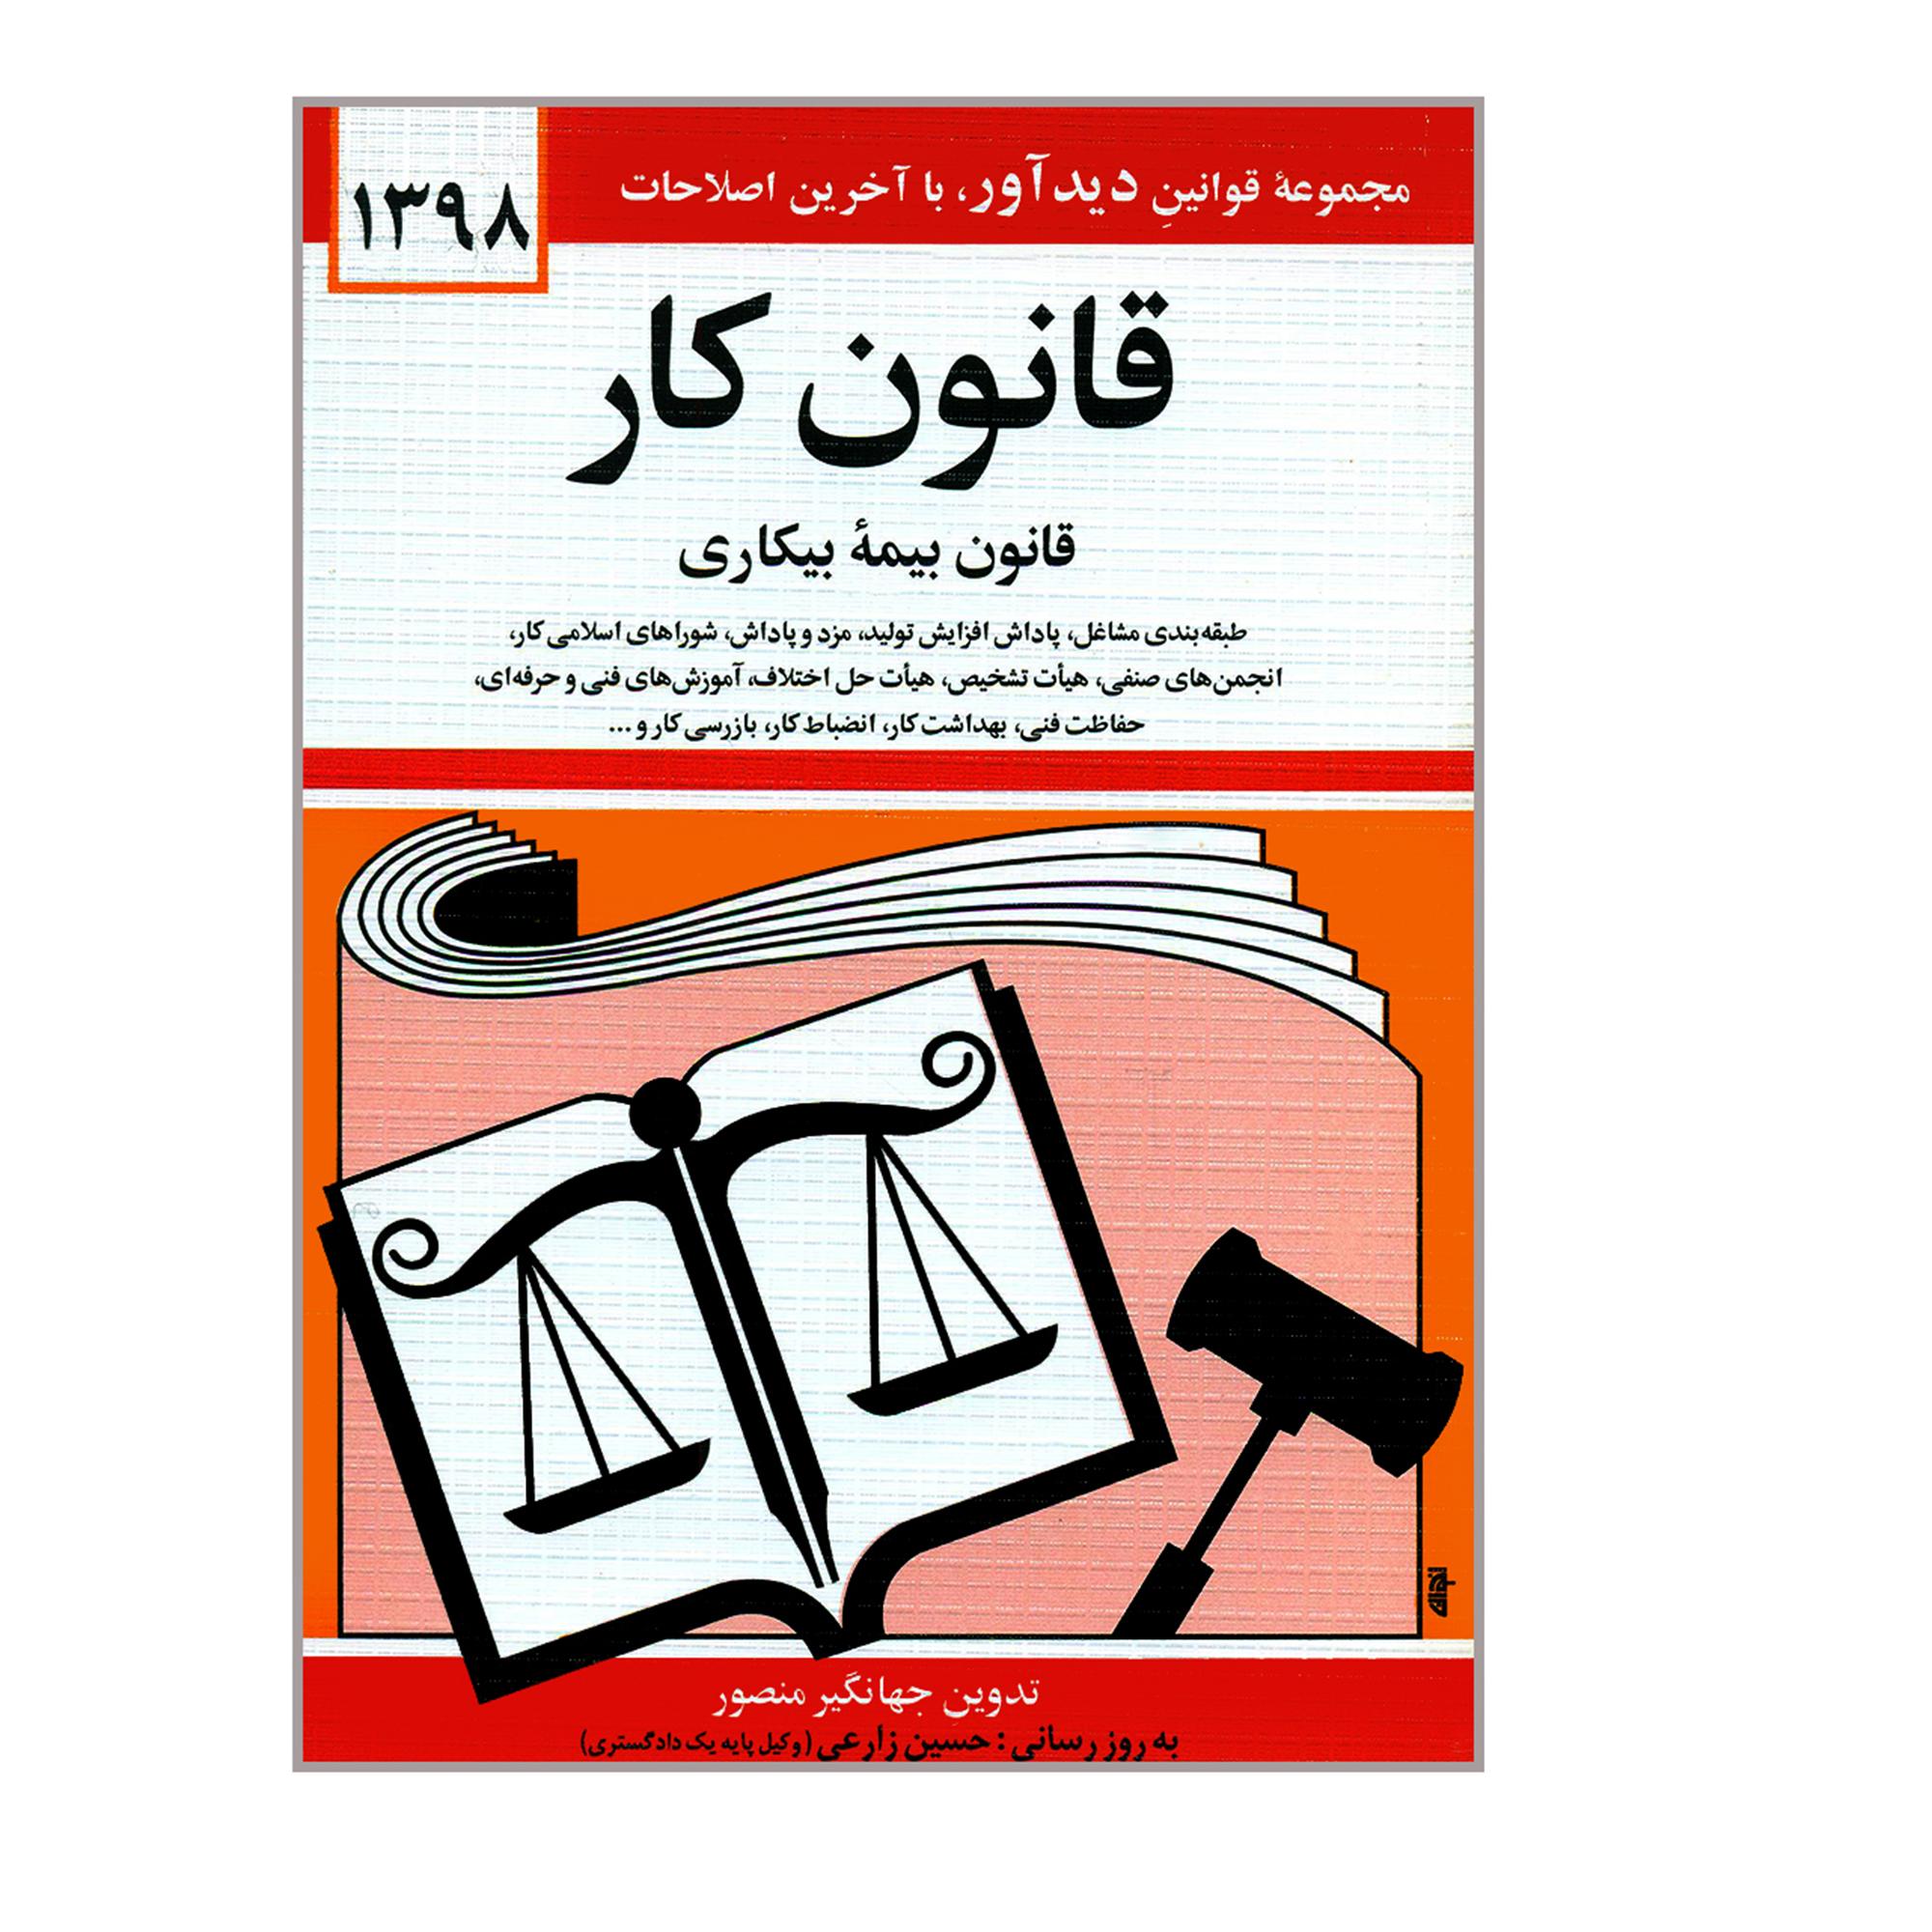 خرید                      کتاب قانون کار قانون بیمه بیکاری اثر جهانگیر منصور نشر دوران